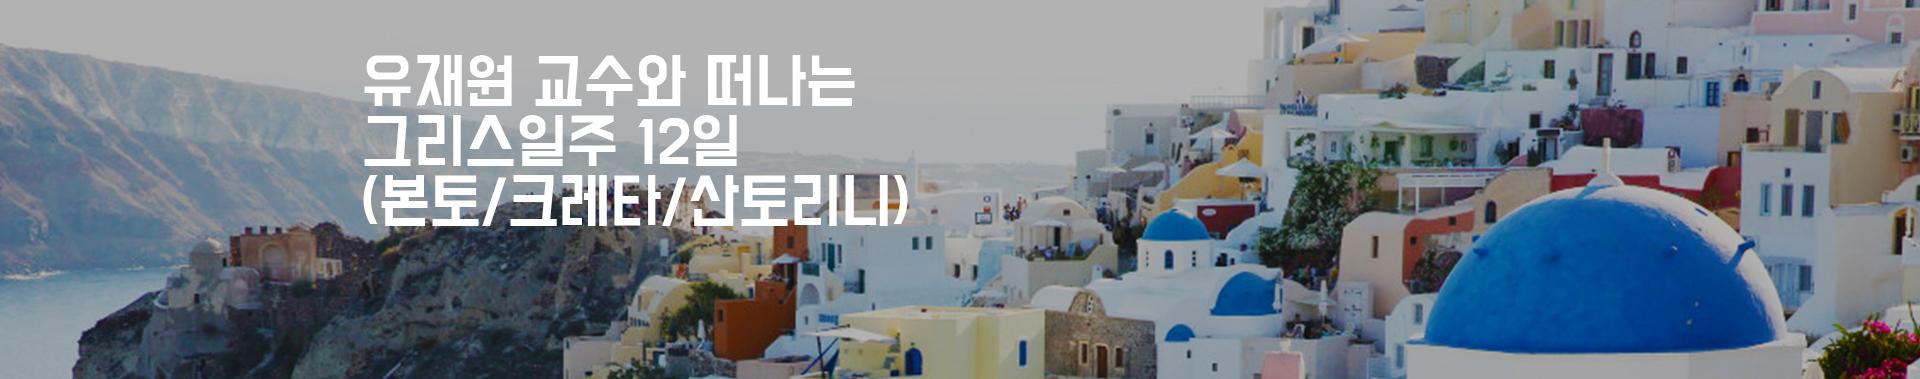 유재원 교수와 함께하는 그리스 일주(본토/크레타/산토리니) 12일